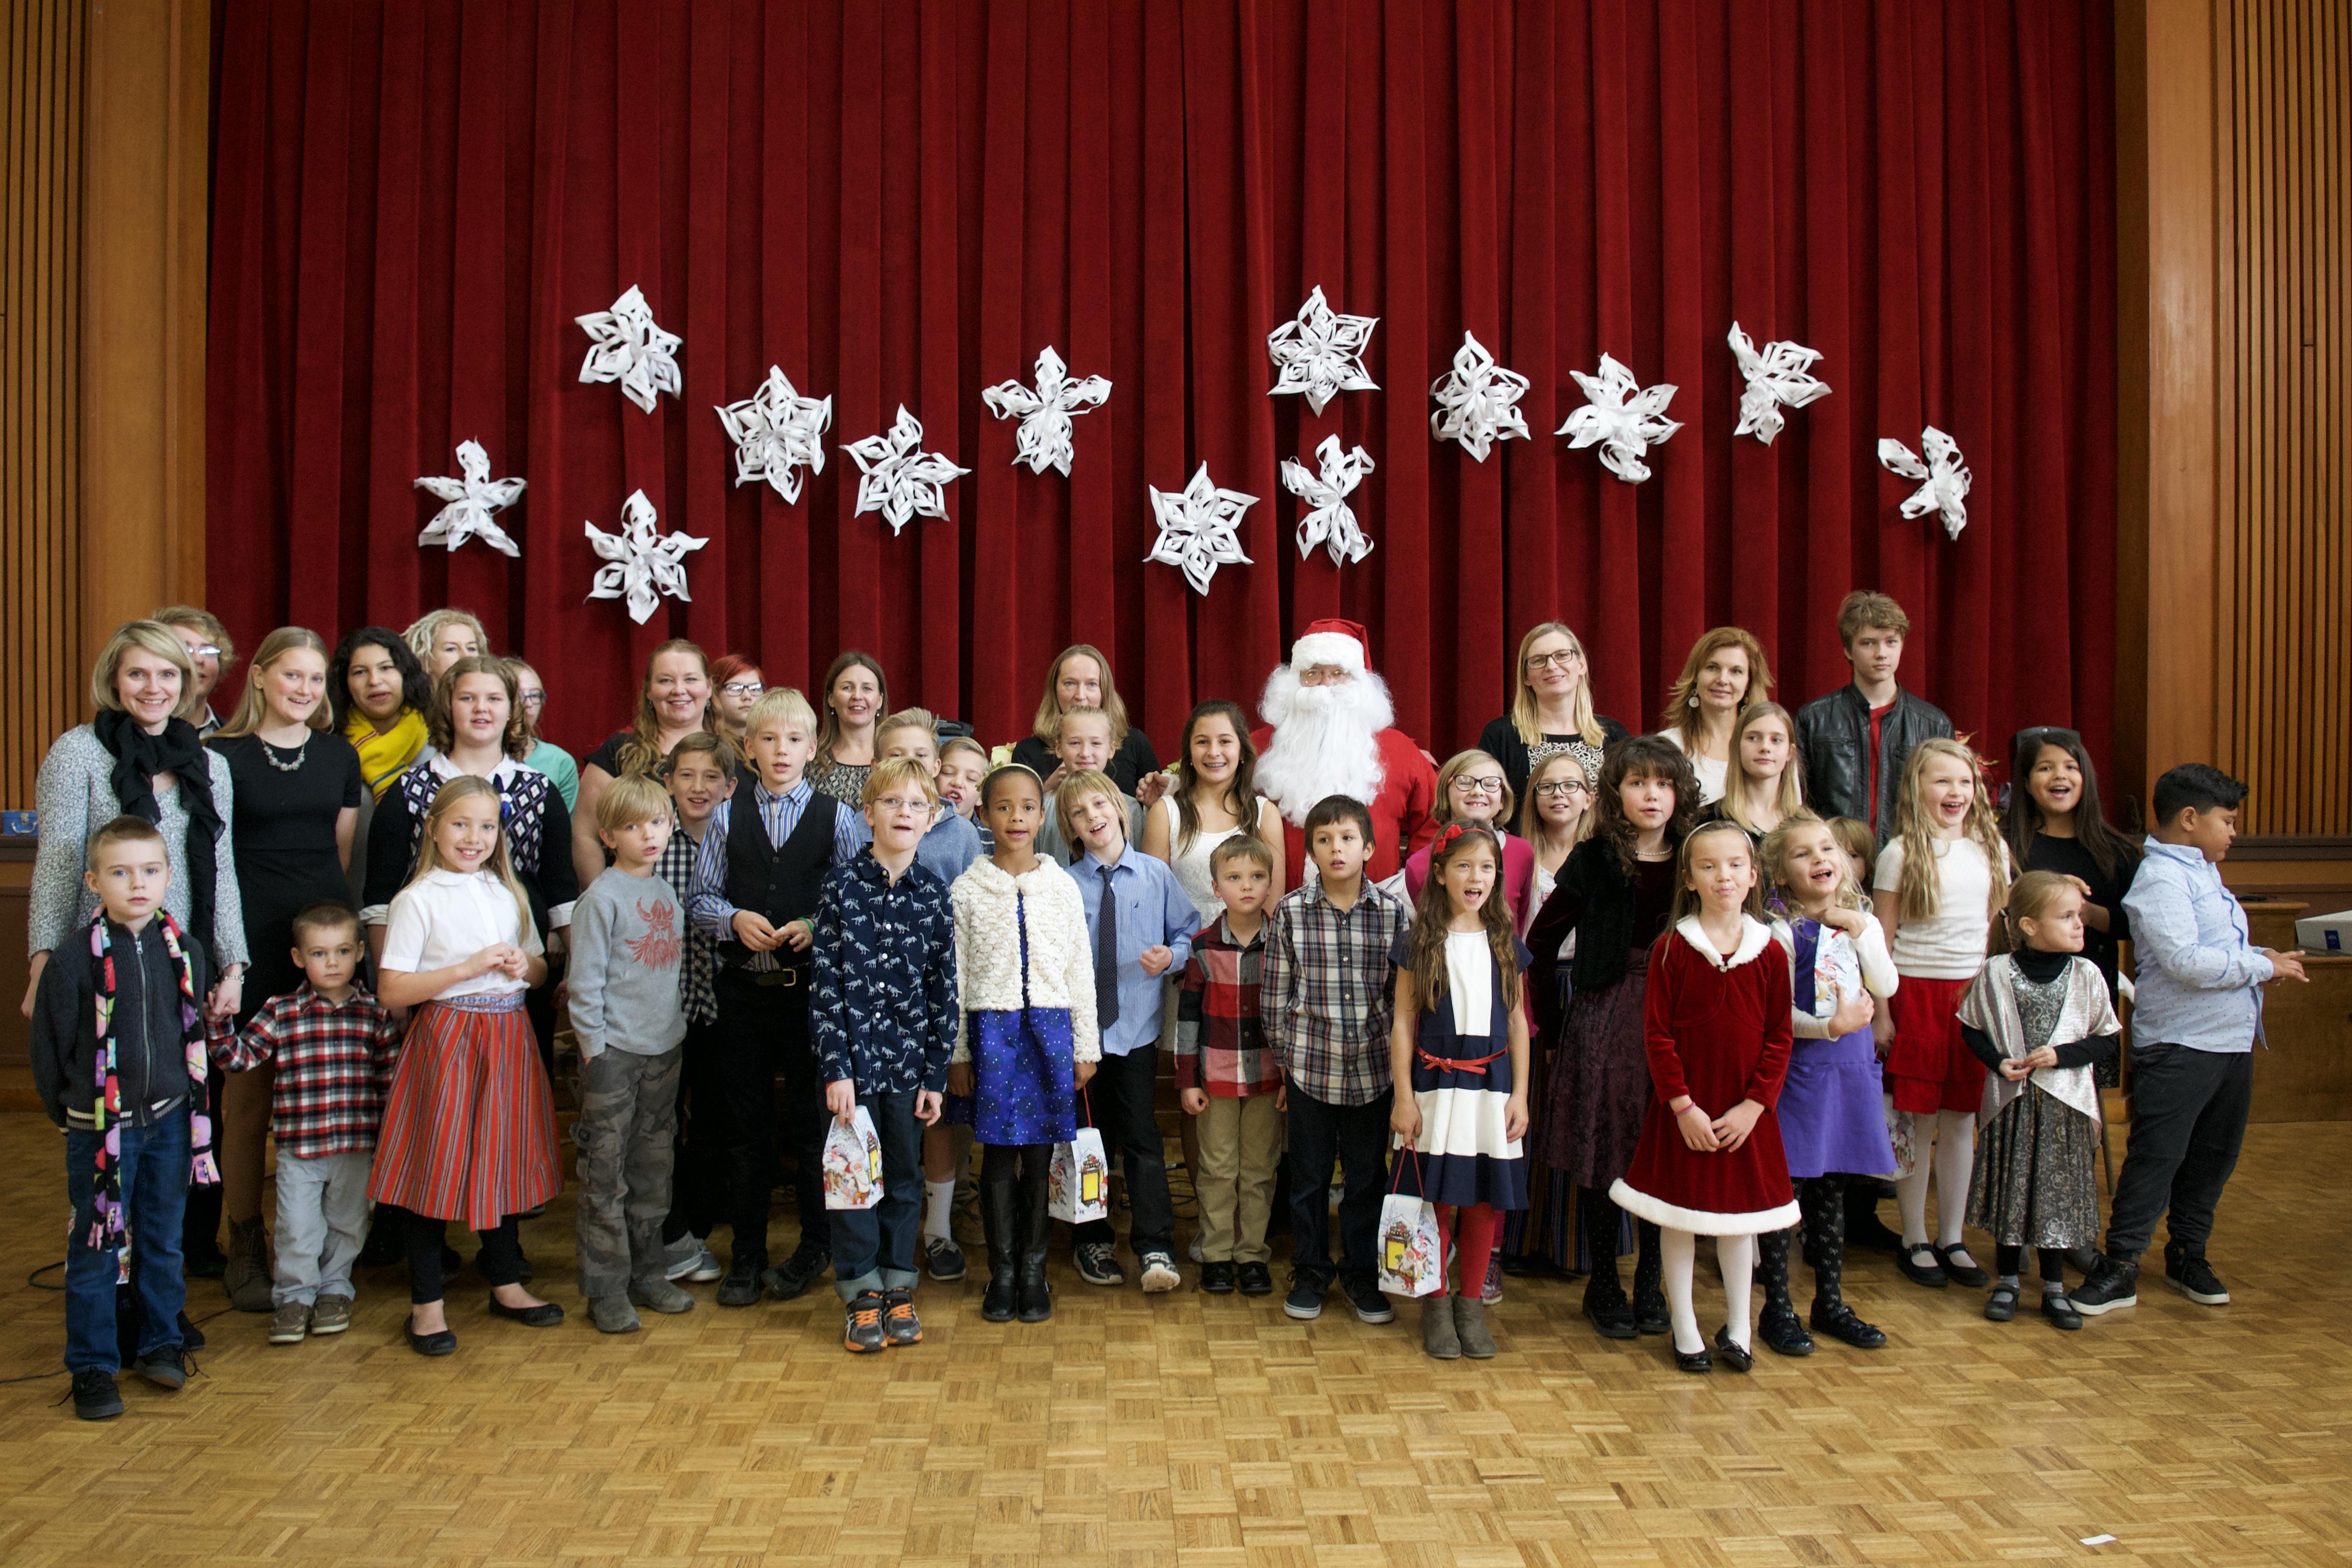 Laste jõulupidu 10.detsembril 2016